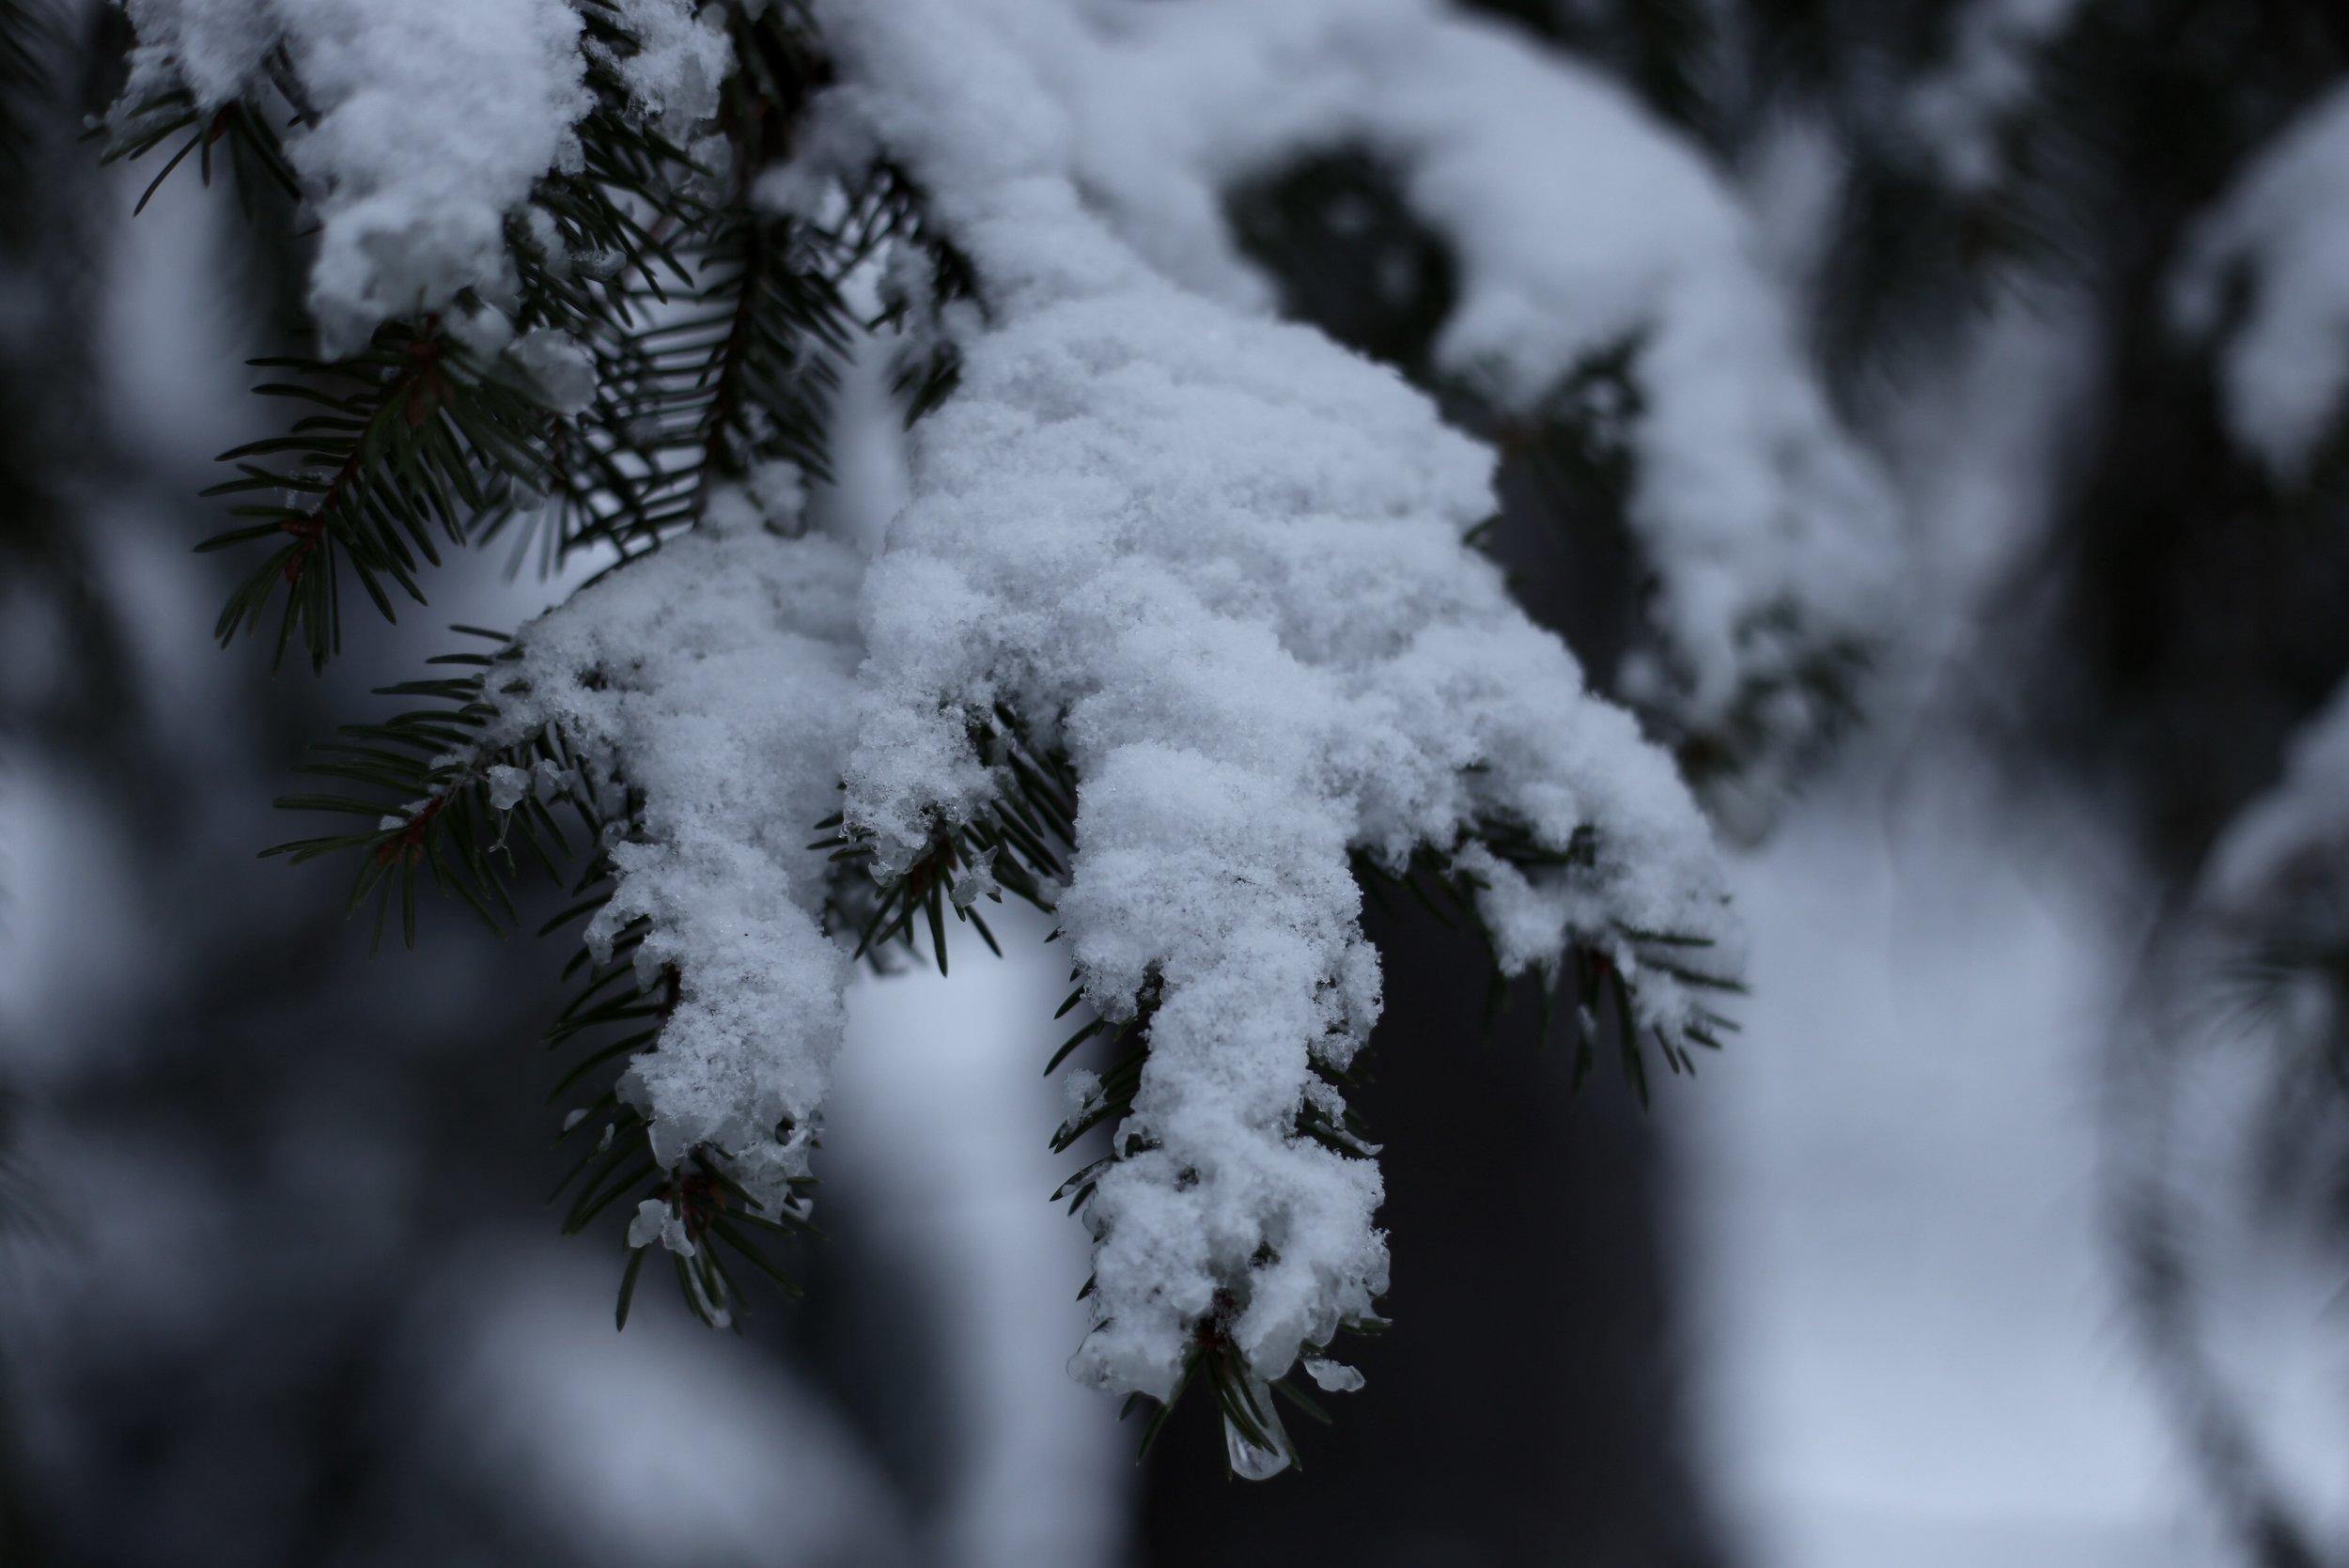 snow flakes on pine needles